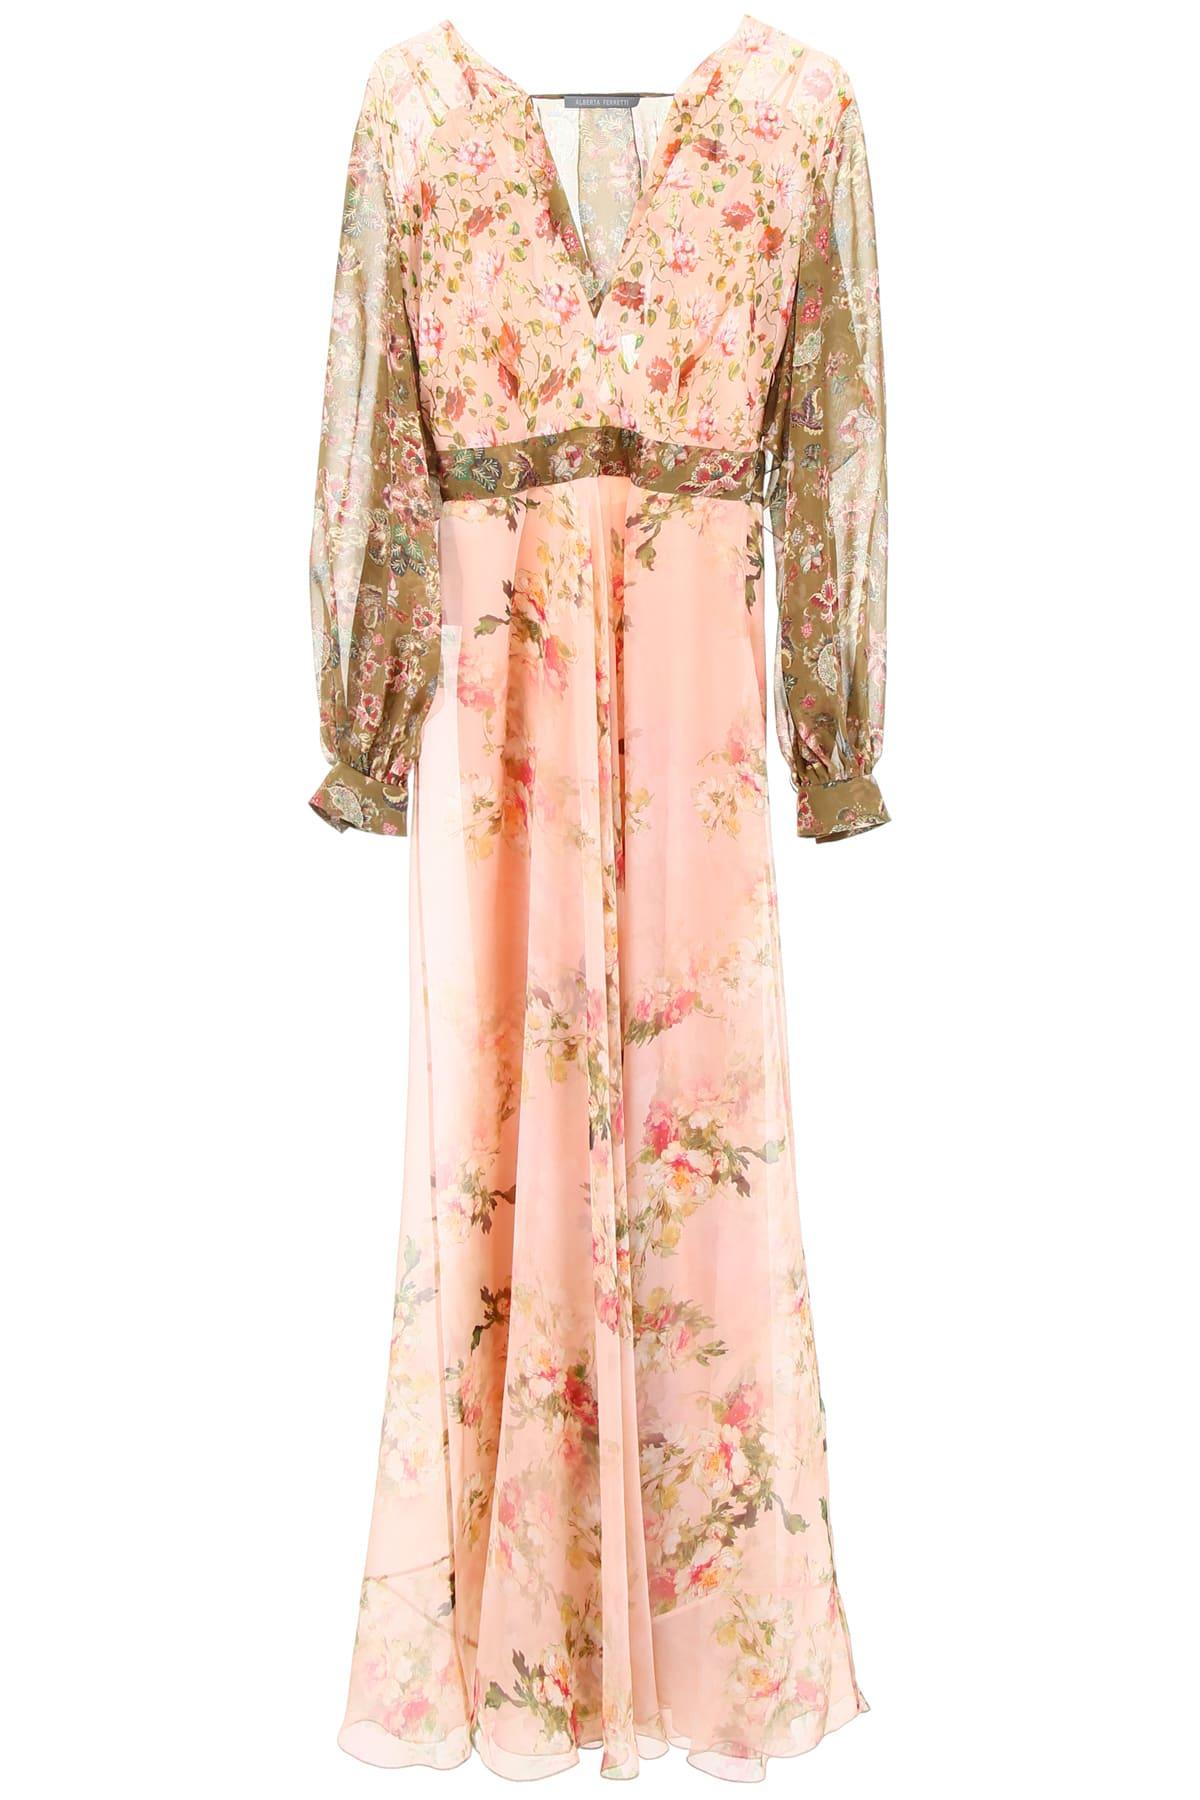 Alberta Ferretti Floral-printed Dress